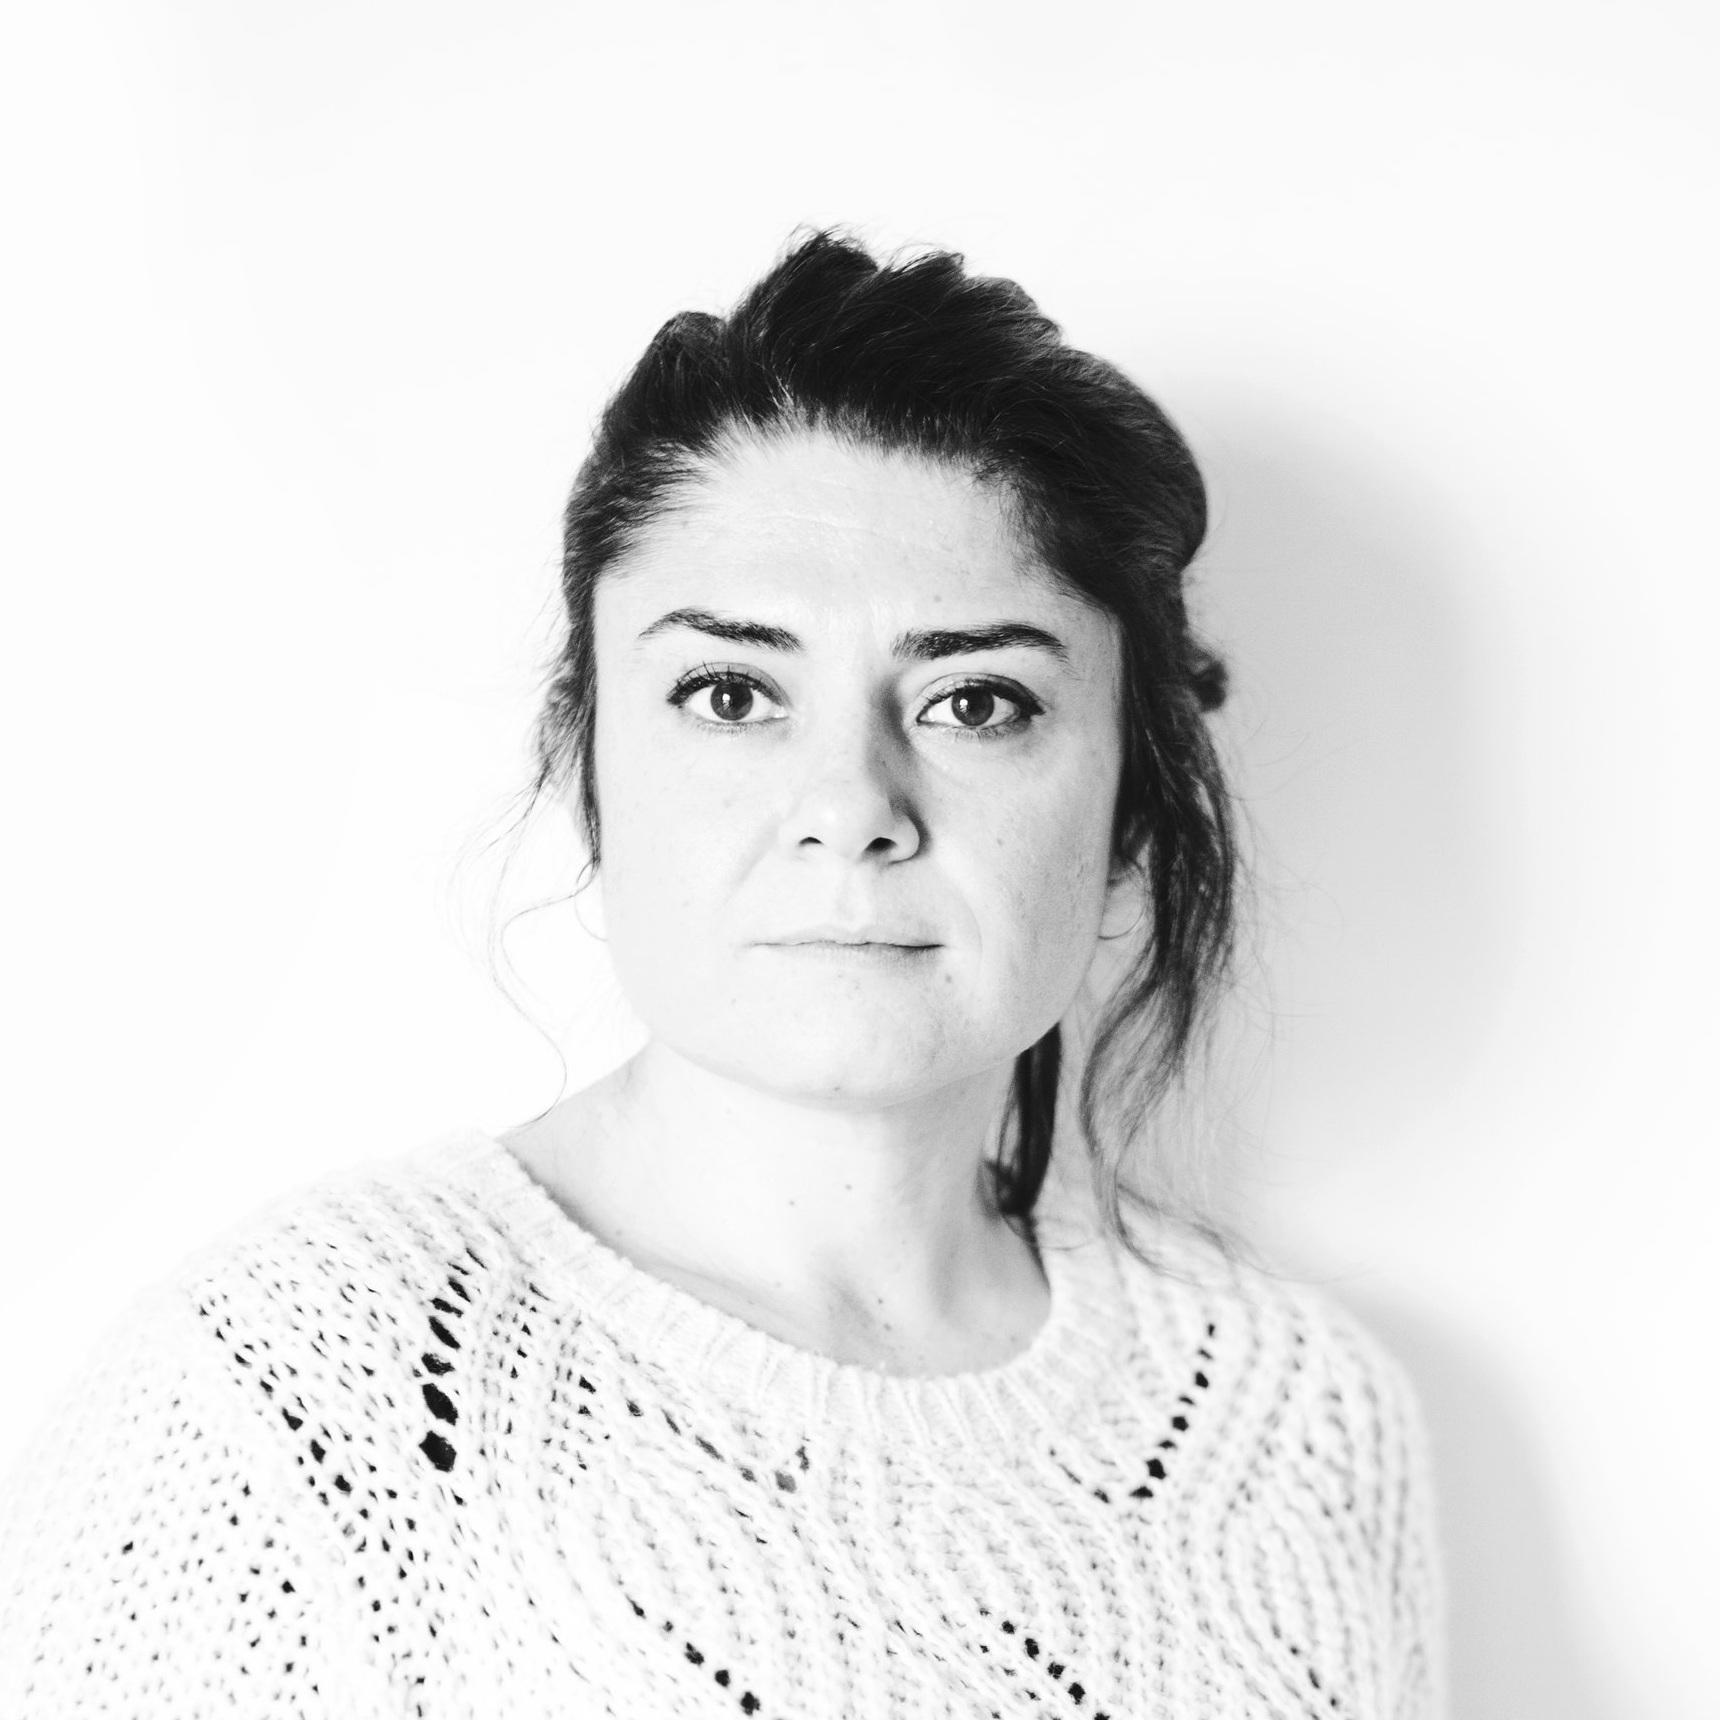 TEODORA MALAVENDA - Teodora Malavenda, photo editor e curatrice, dopo la laurea in Beni Culturali, ha iniziato a lavorare nel campo delle arti visive, maturando diverse esperienze nell'ambito della curatela, del project management e della comunicazione. Ha ideato e diretto Maps Magazine e ha fatto parte di Duae, collettivo con base a Barcellona attivo nel campo della ricerca artistica. È photo editor di We - World Energy, trimestrale internazionale dedicato al mondo dell'innovazione e dell'energia. Collabora con istituzioni artistico-culturali e con fotografi offrendo consulenza nelle fasi di produzione, gestione e promozione dei progetti. Partecipa spesso ad eventi in qualità di lettrice portfolio e prende parte alla giuria di premi fotografici.